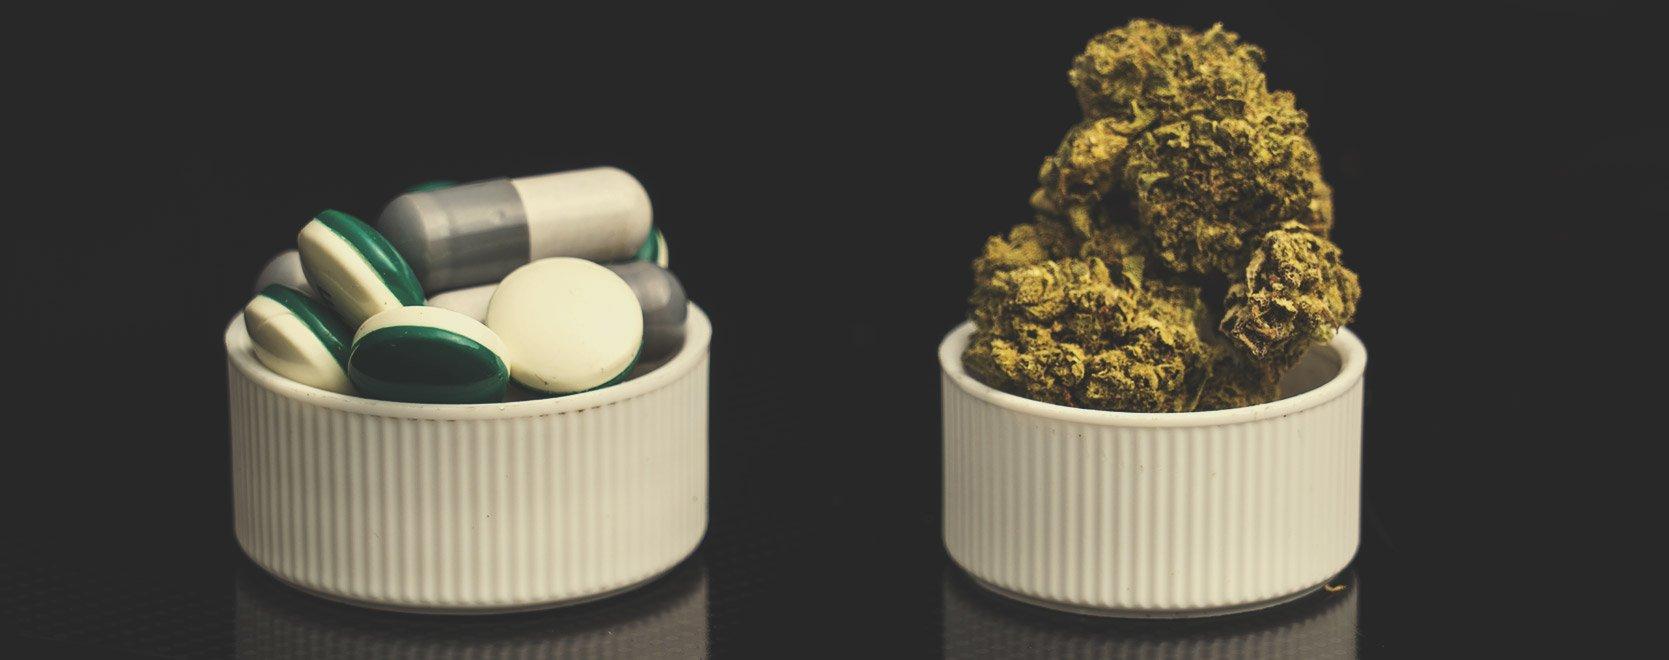 ¿Qué pasa si combinamos opioides y cannabis?